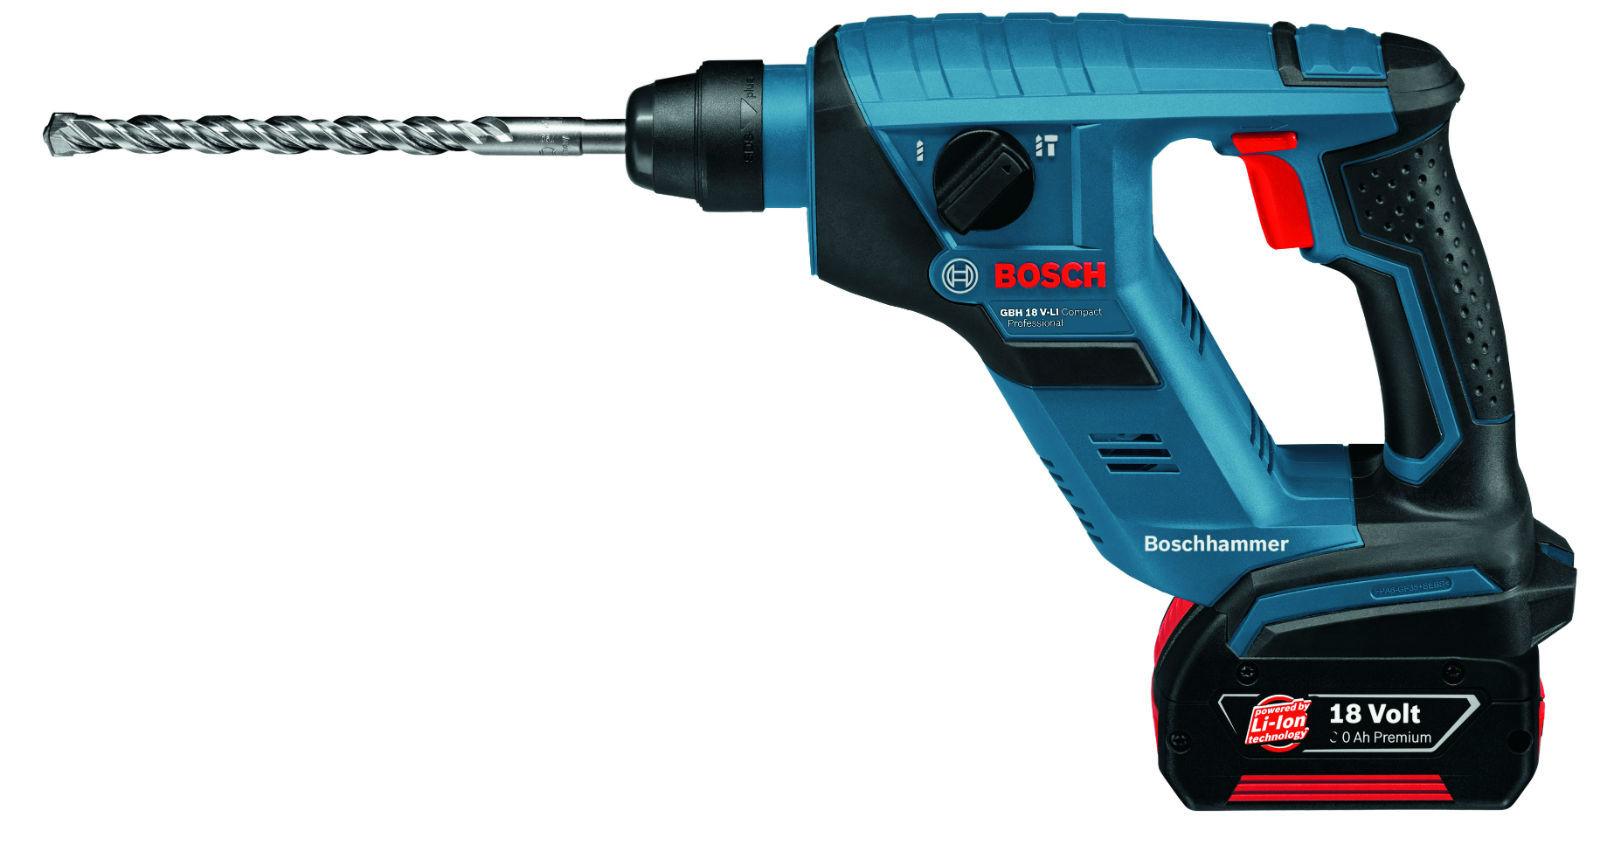 Перфоратор Bosch 611905308 gbh 18 v-li compact (0.611.905.308) набор bosch перфоратор gbh 18 v ec 0 611 904 002 адаптер gaa 18v 24